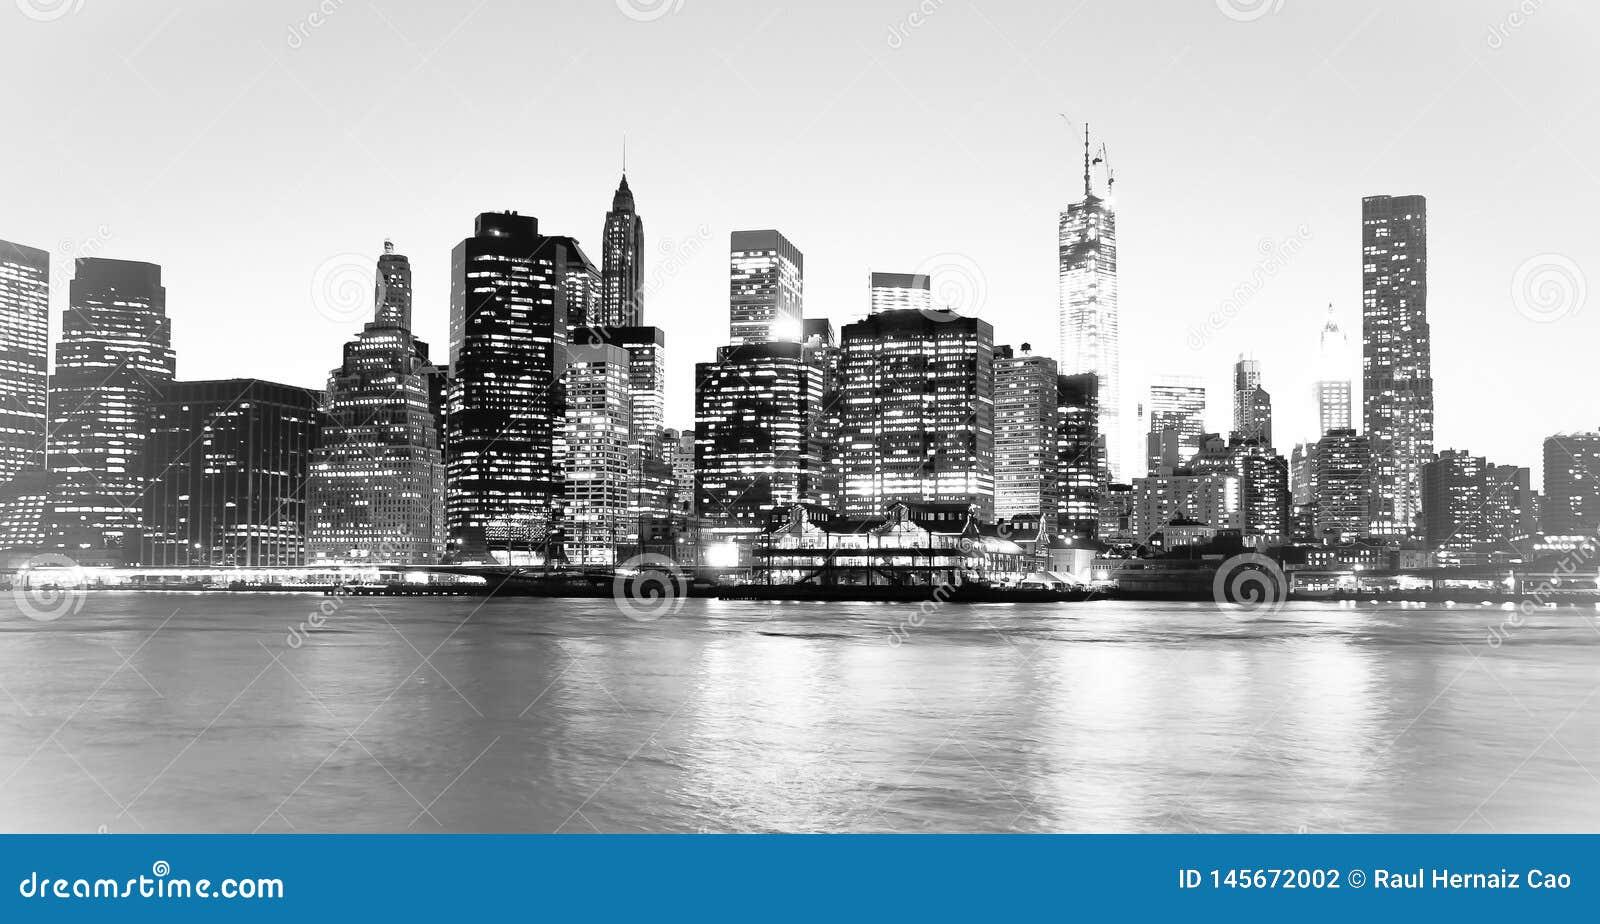 Район Нью-Йорка финансовый и более низкий Манхэттен вечером осмотрели от парка Бруклинского моста Изображение светлого тонового и